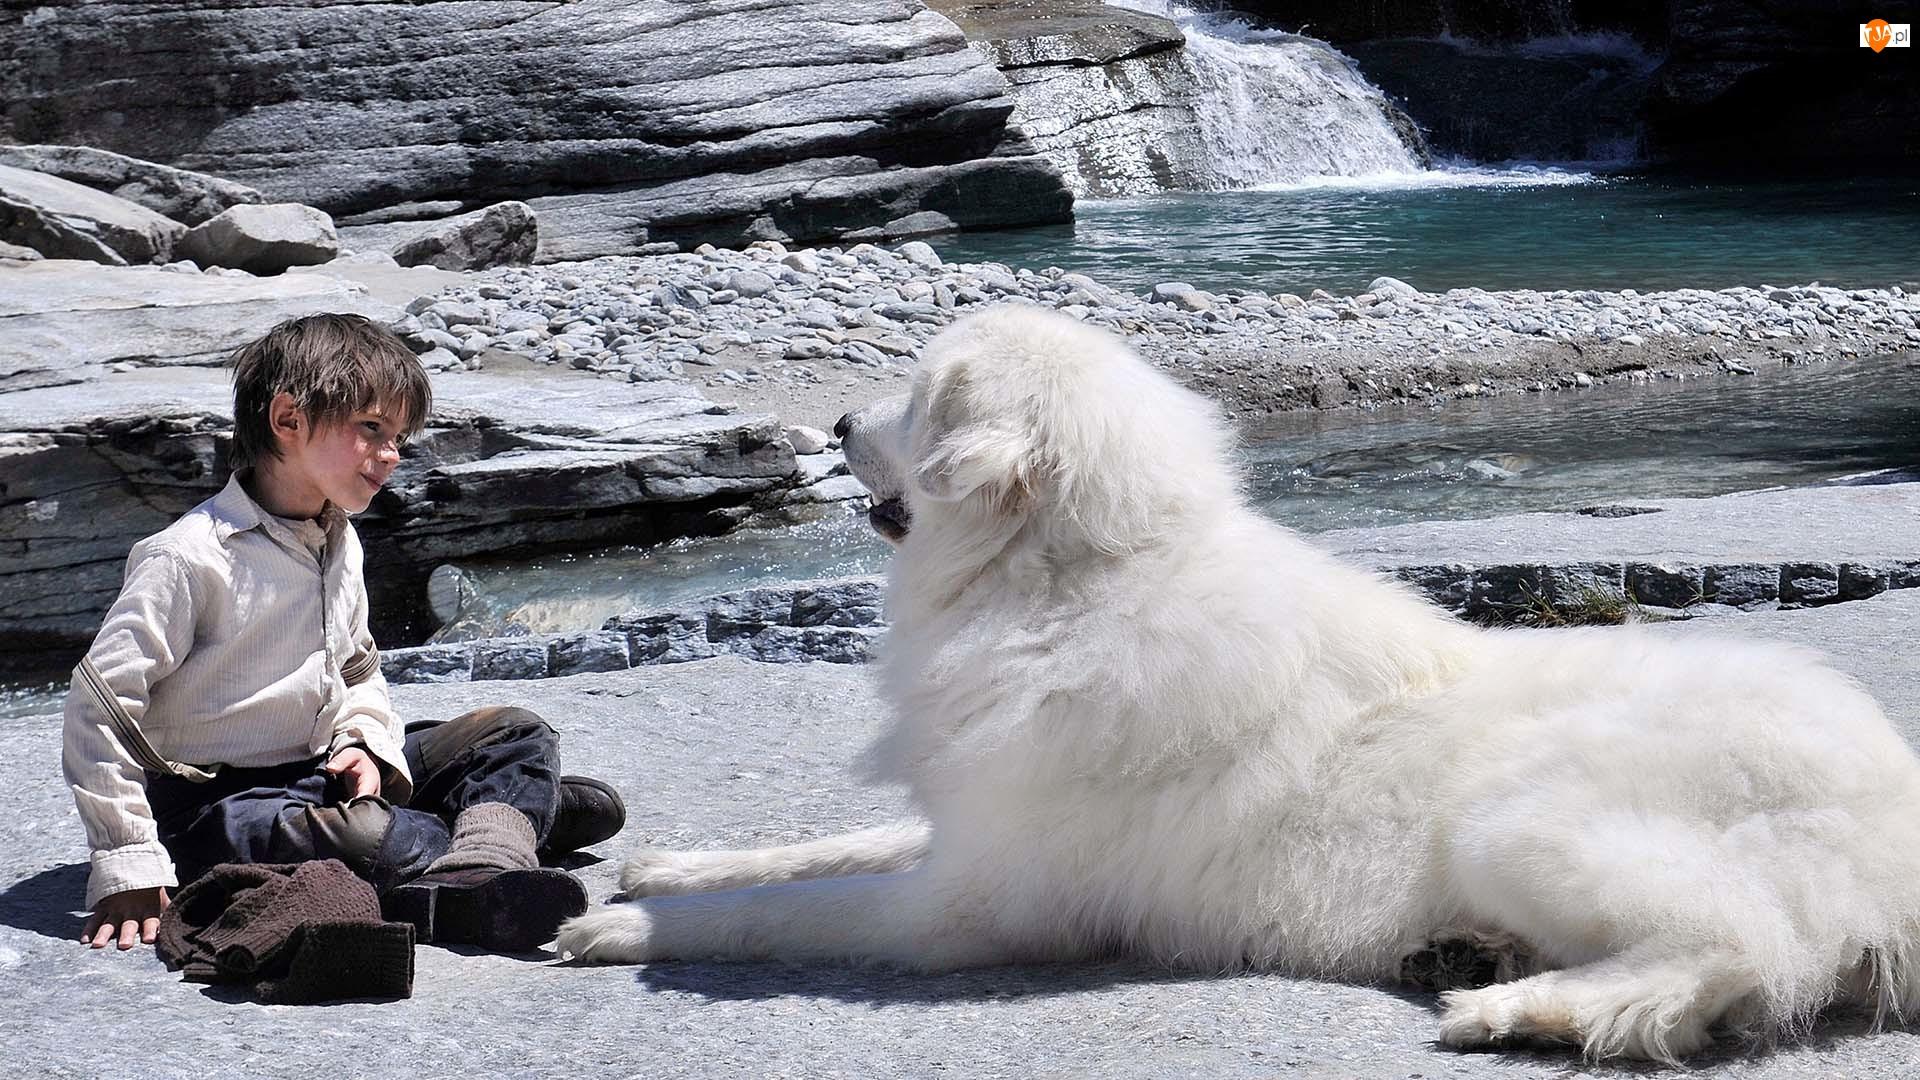 Rzeka, Félix Bossuet, Bella i Sebastian, Film, Kamienie, Dziecko, Pirenejski pies górski